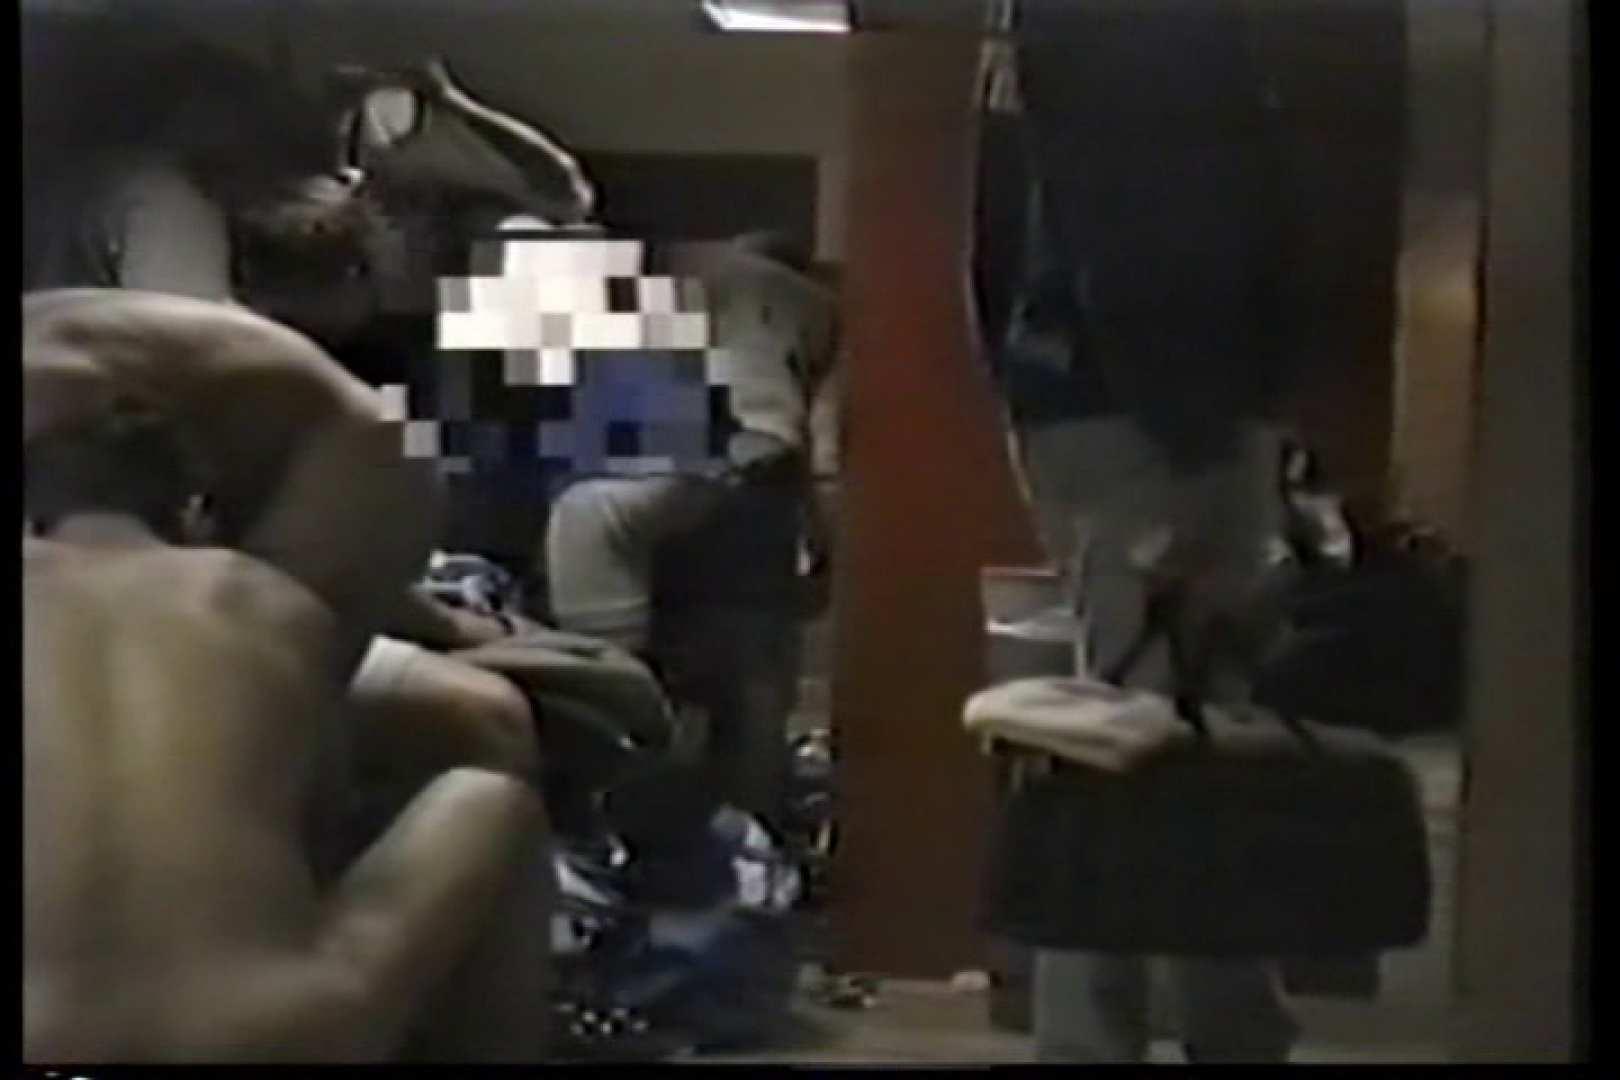 洋人さんの脱衣所を覗いてみました。VOL.3 男天国 | 0  109pic 11